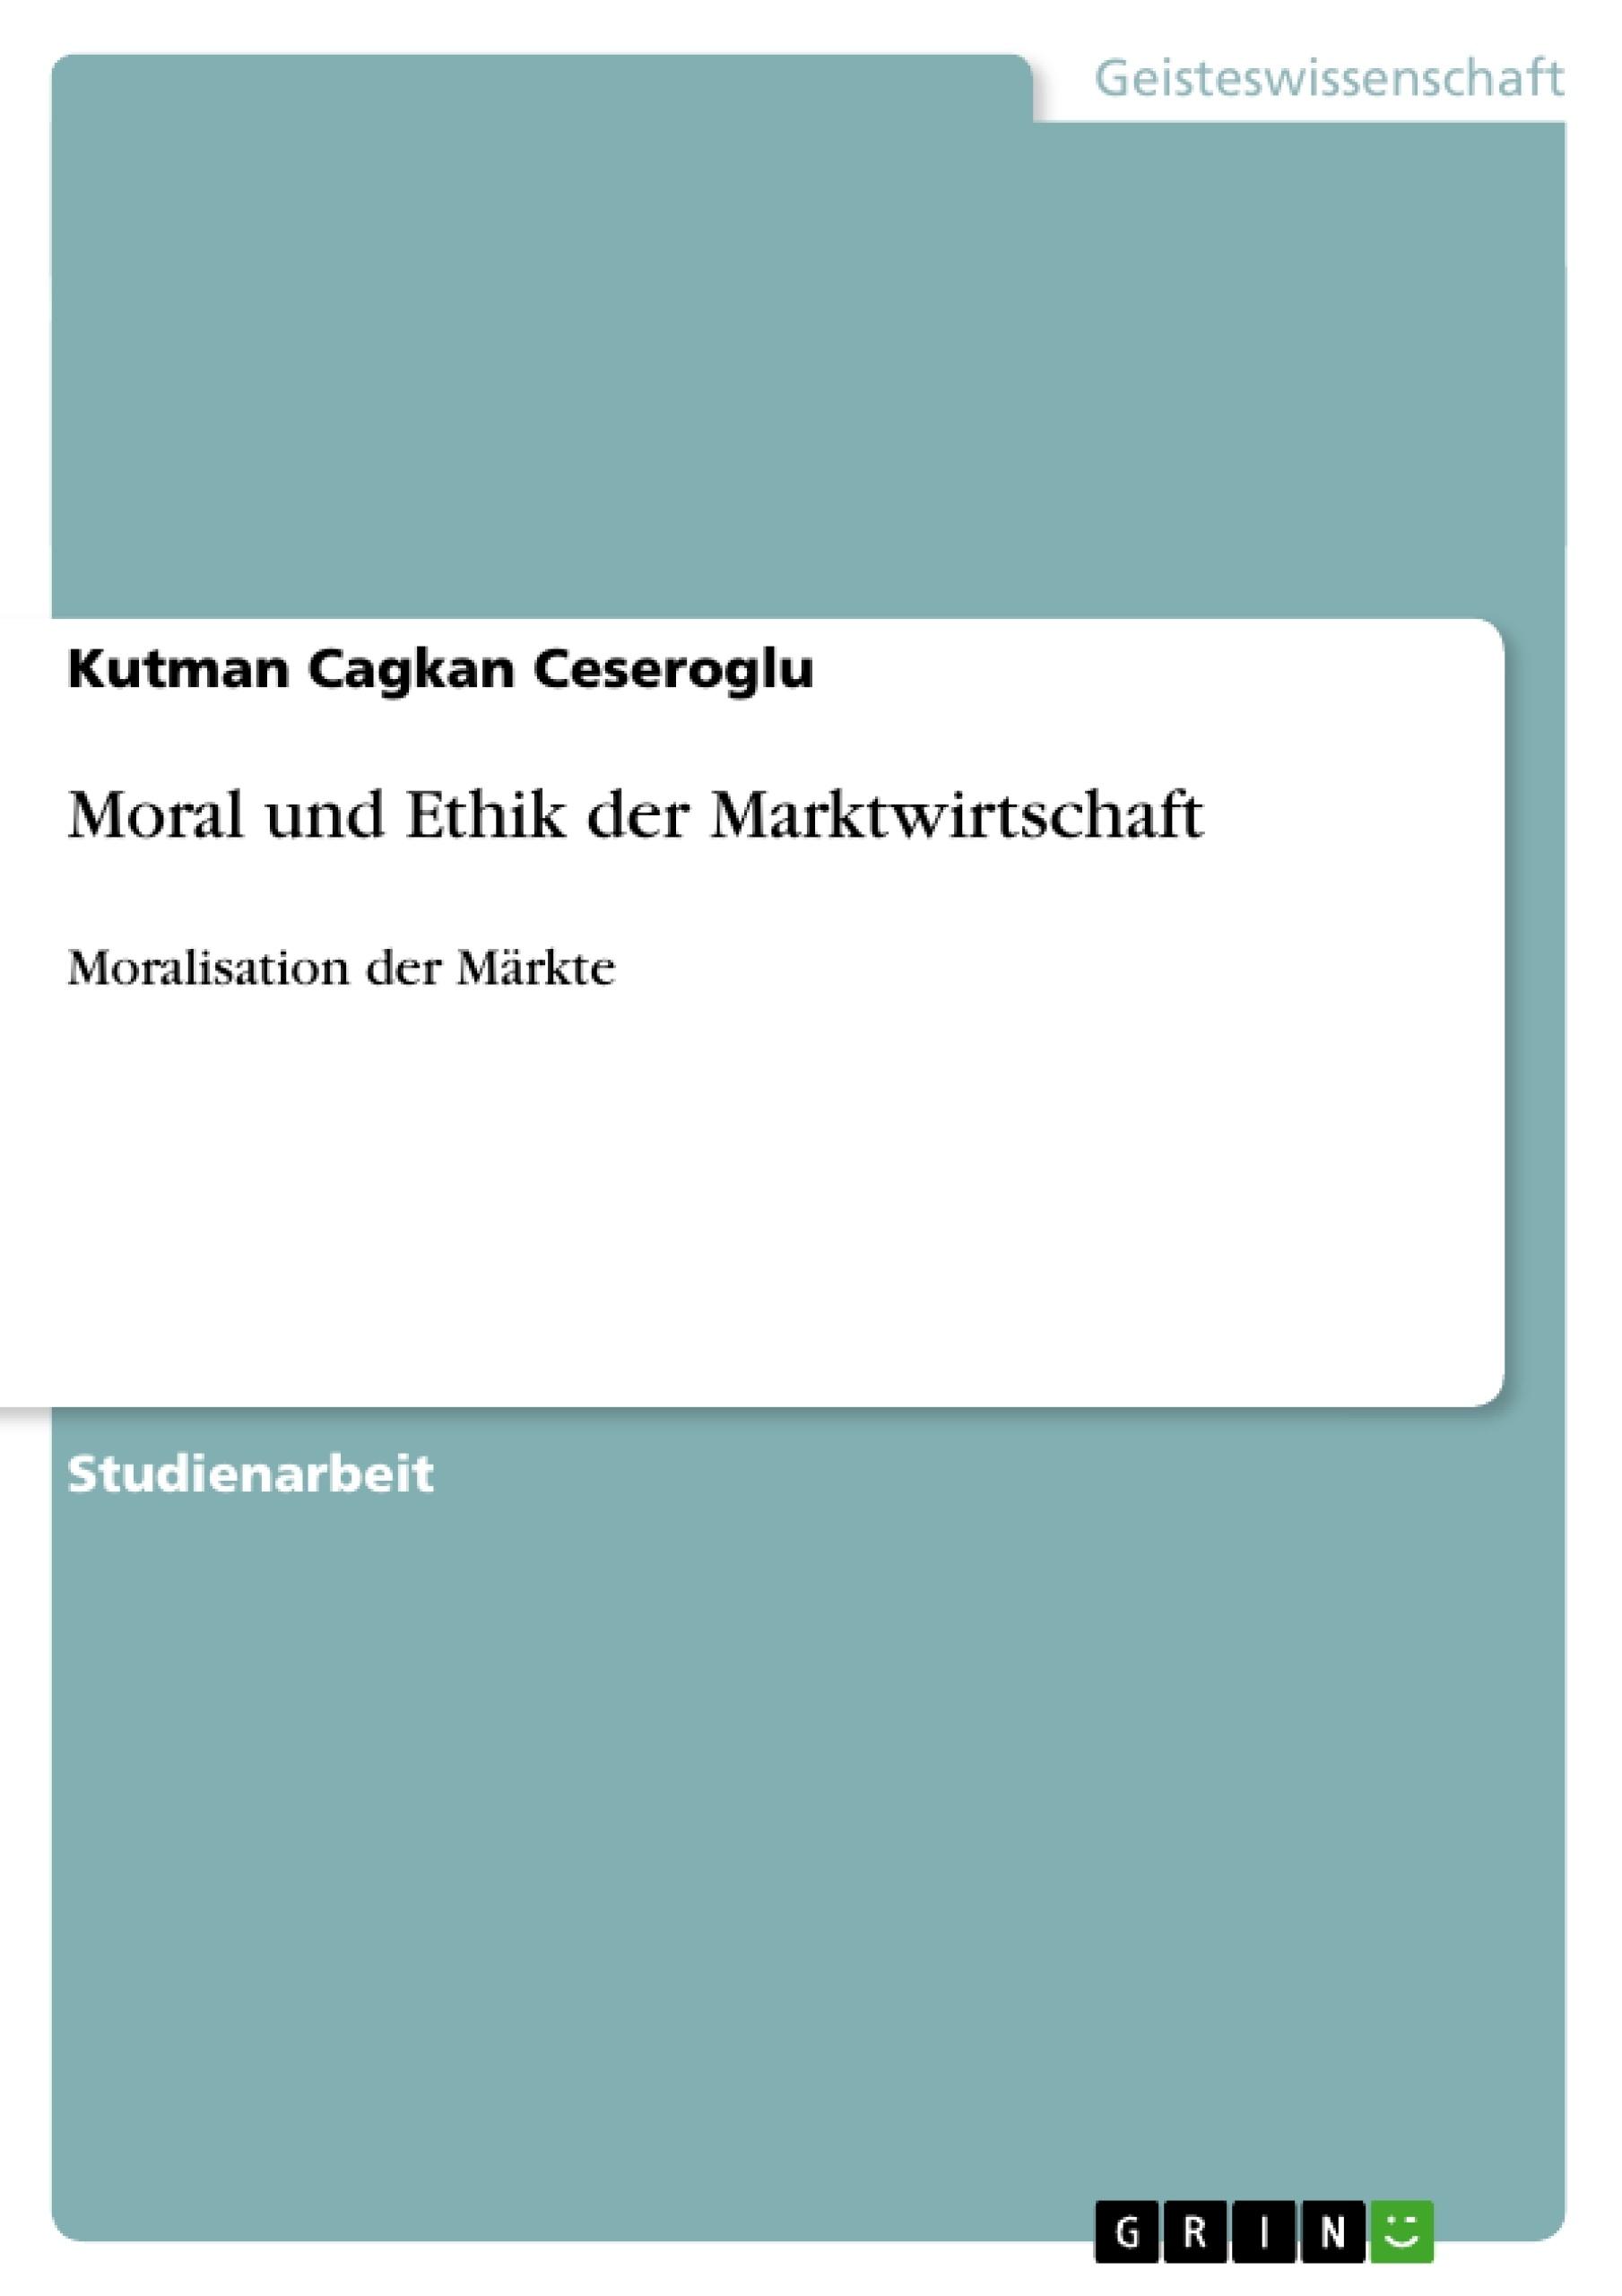 Titel: Moral und Ethik der Marktwirtschaft